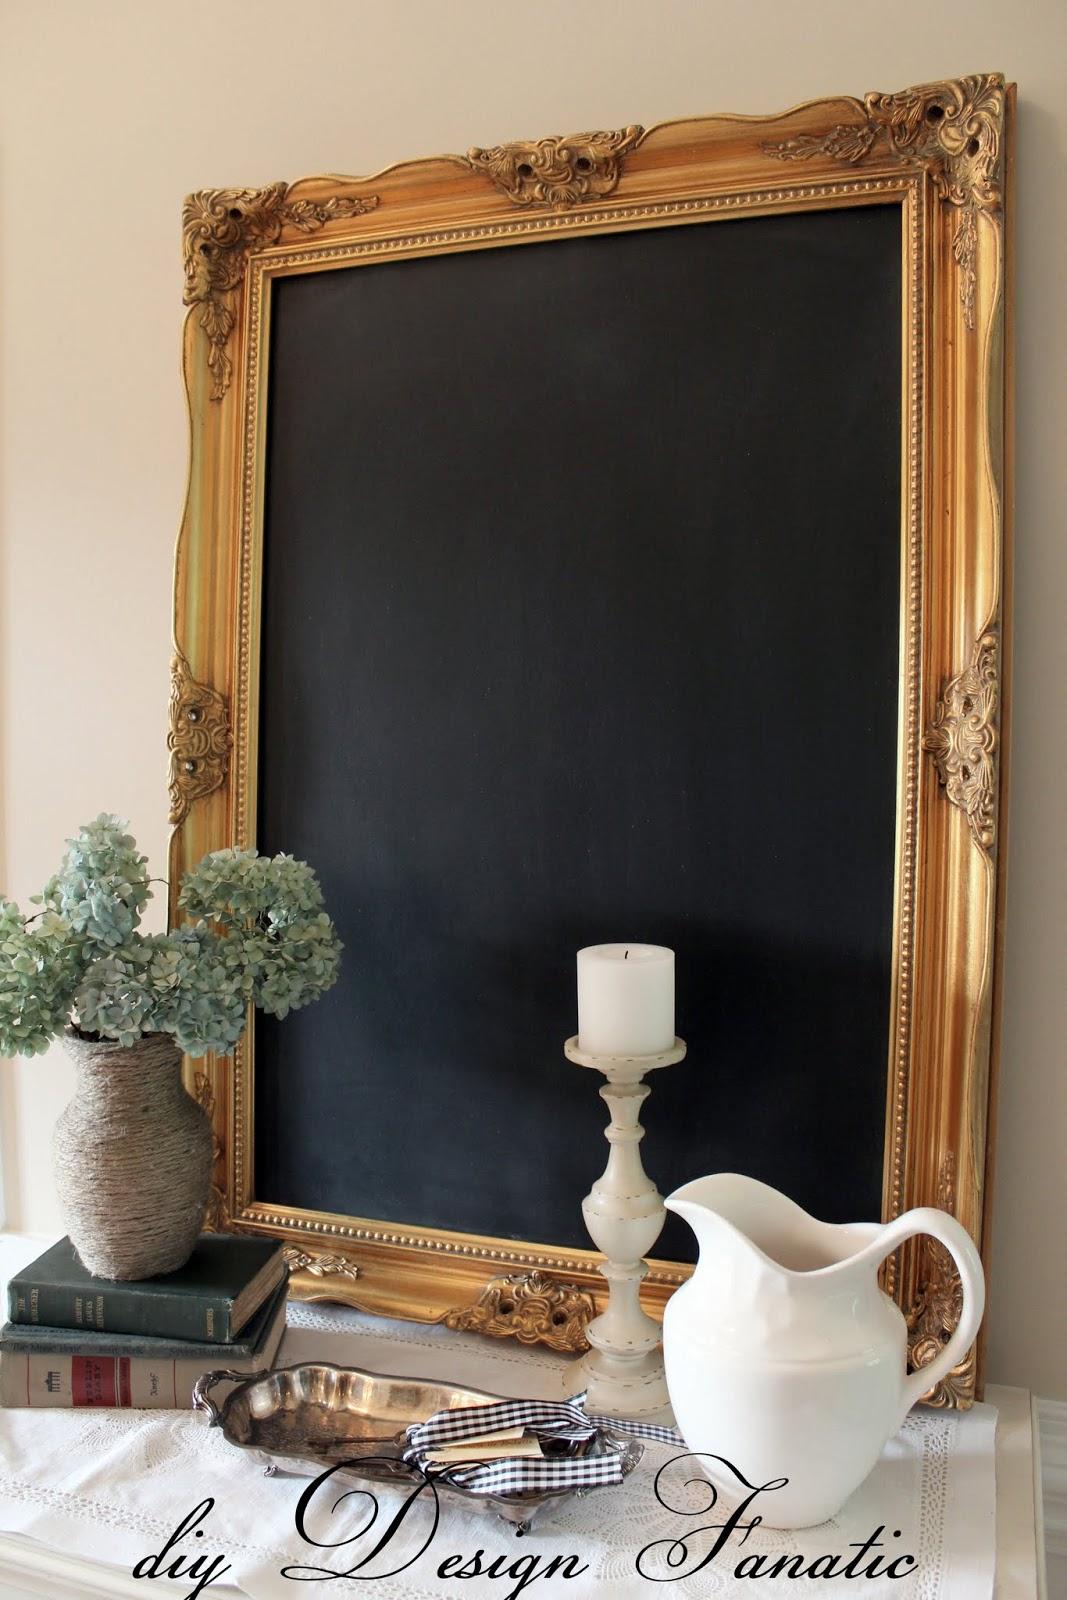 framed chalkboard diy framed chalkboard - Diy Framed Chalkboard